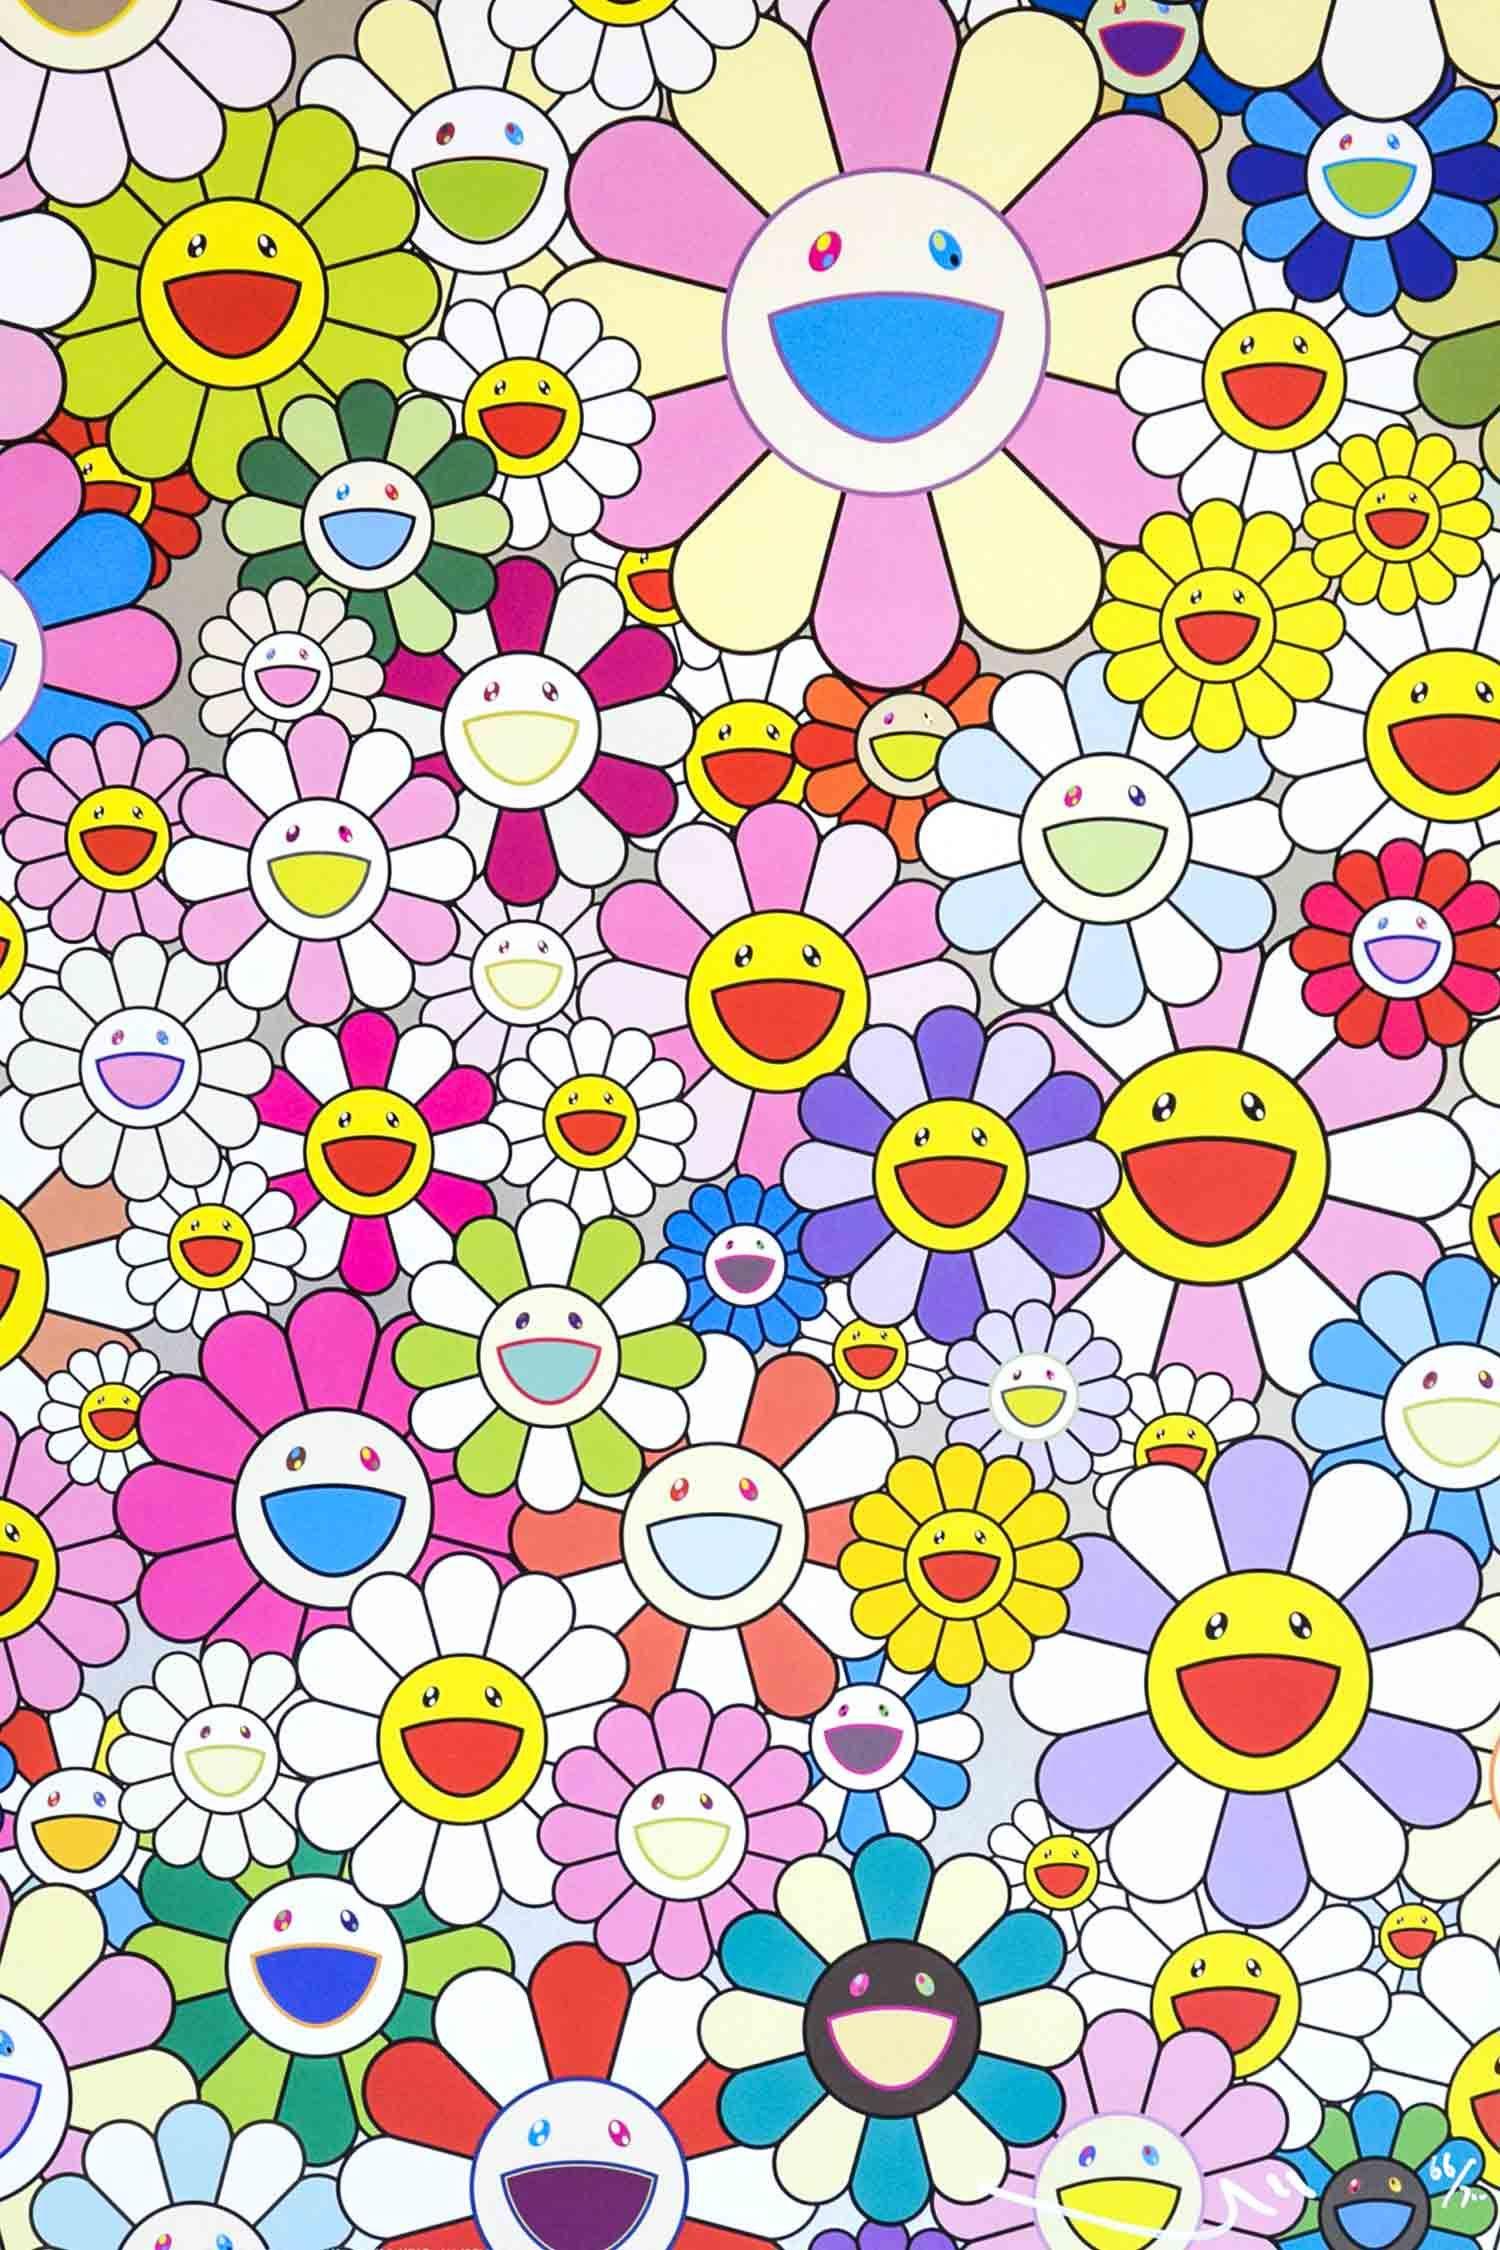 Takashi Murakami Flower Smile SOLD The Whisper Gallery